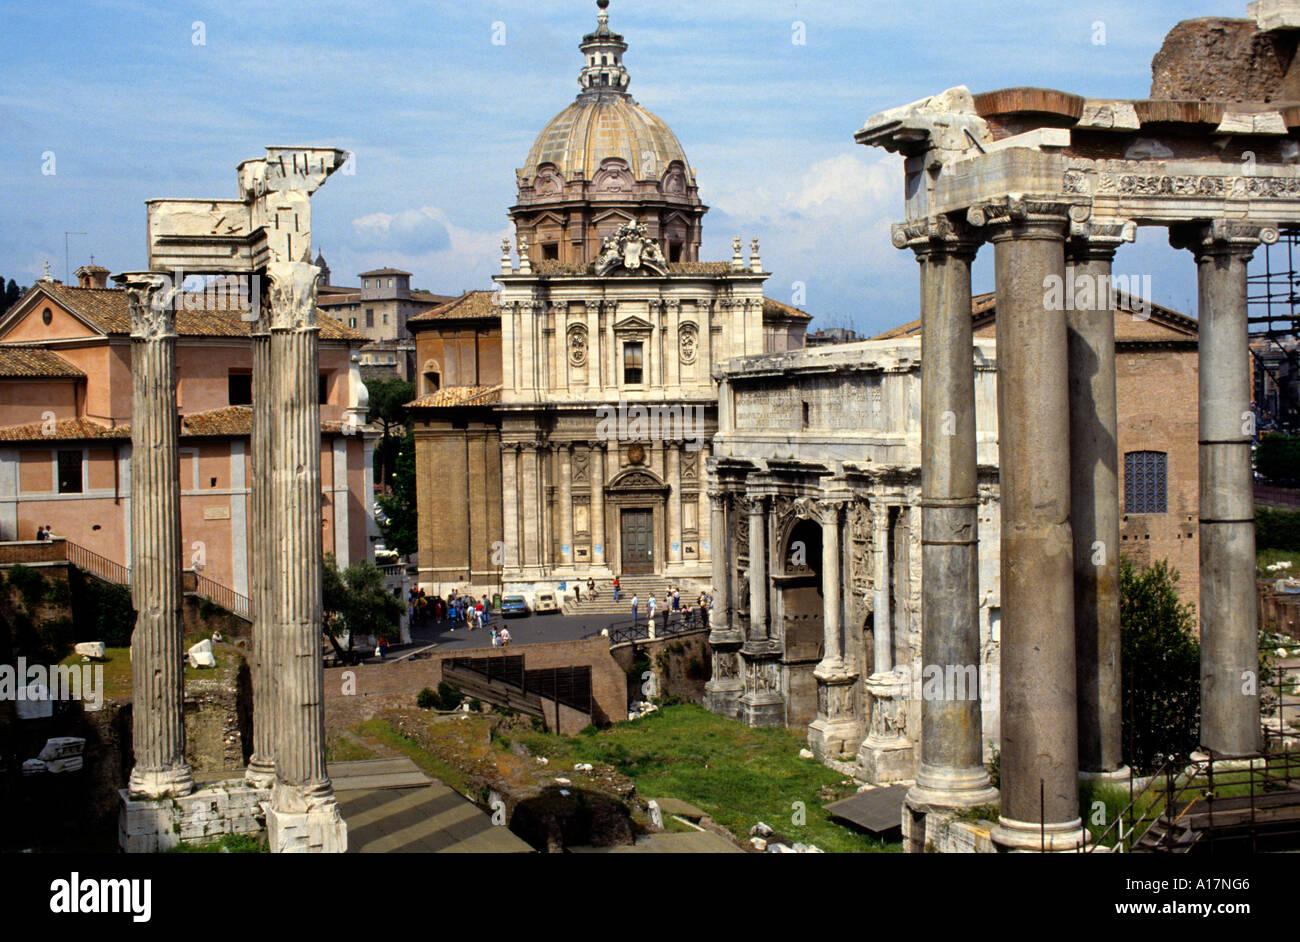 City/Forum Romanum, Rome, Italy